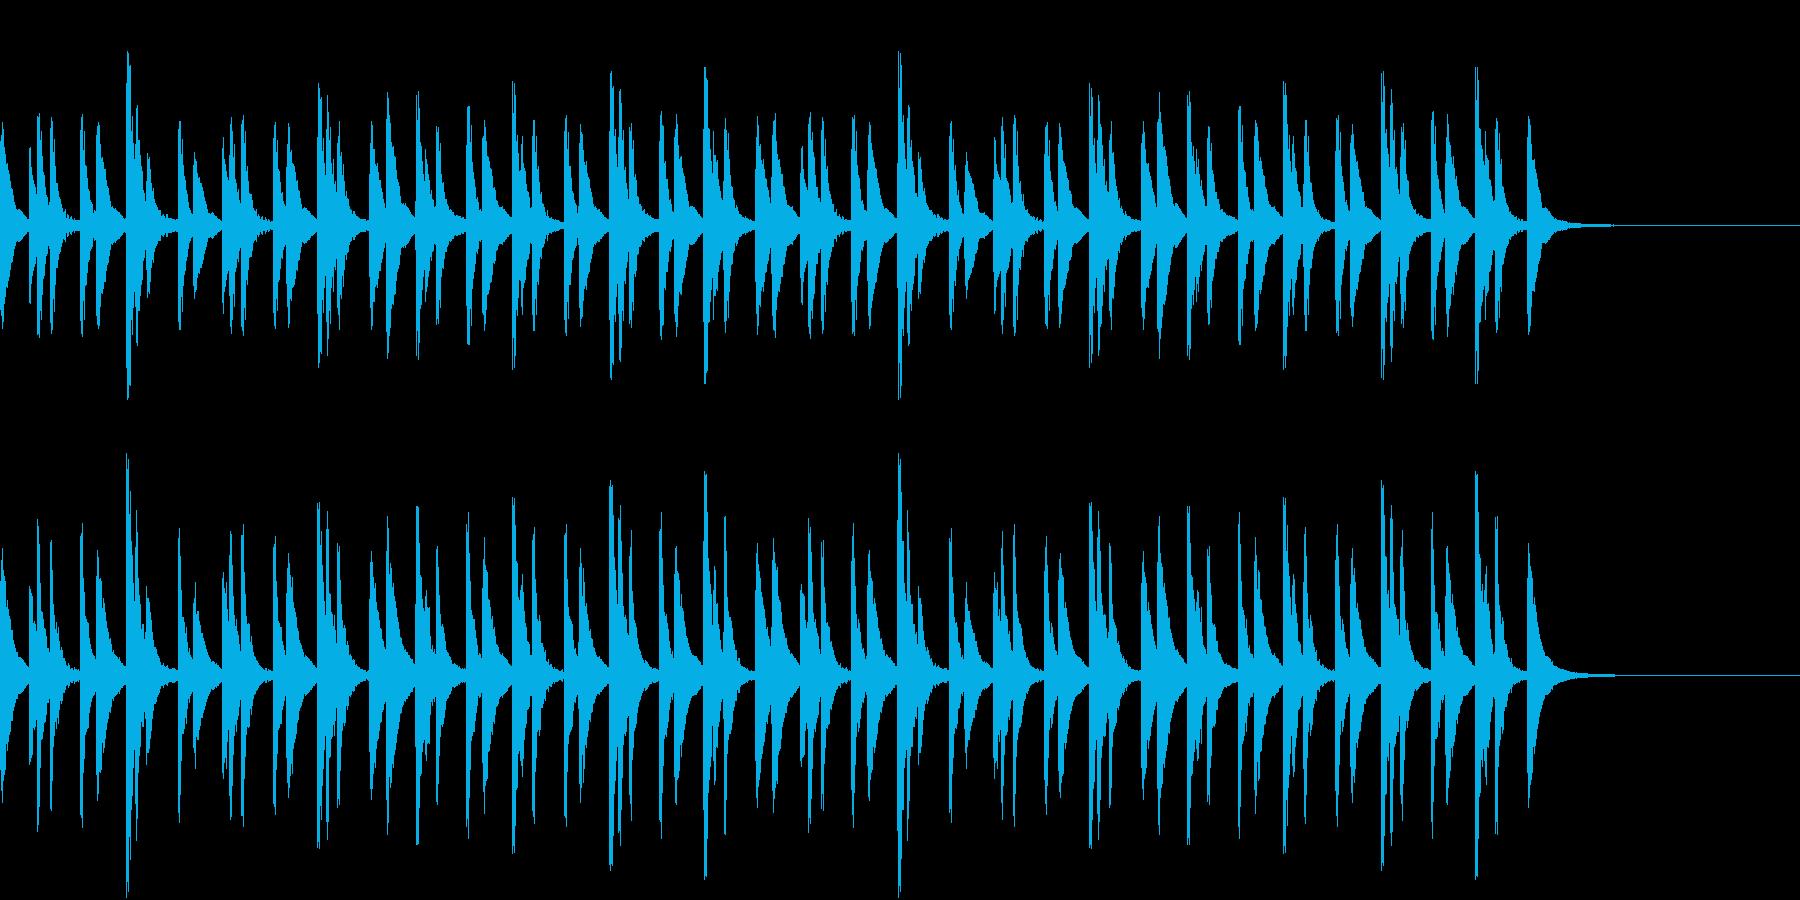 お囃子や祭りの軽快なコンチキのフレーズ音の再生済みの波形